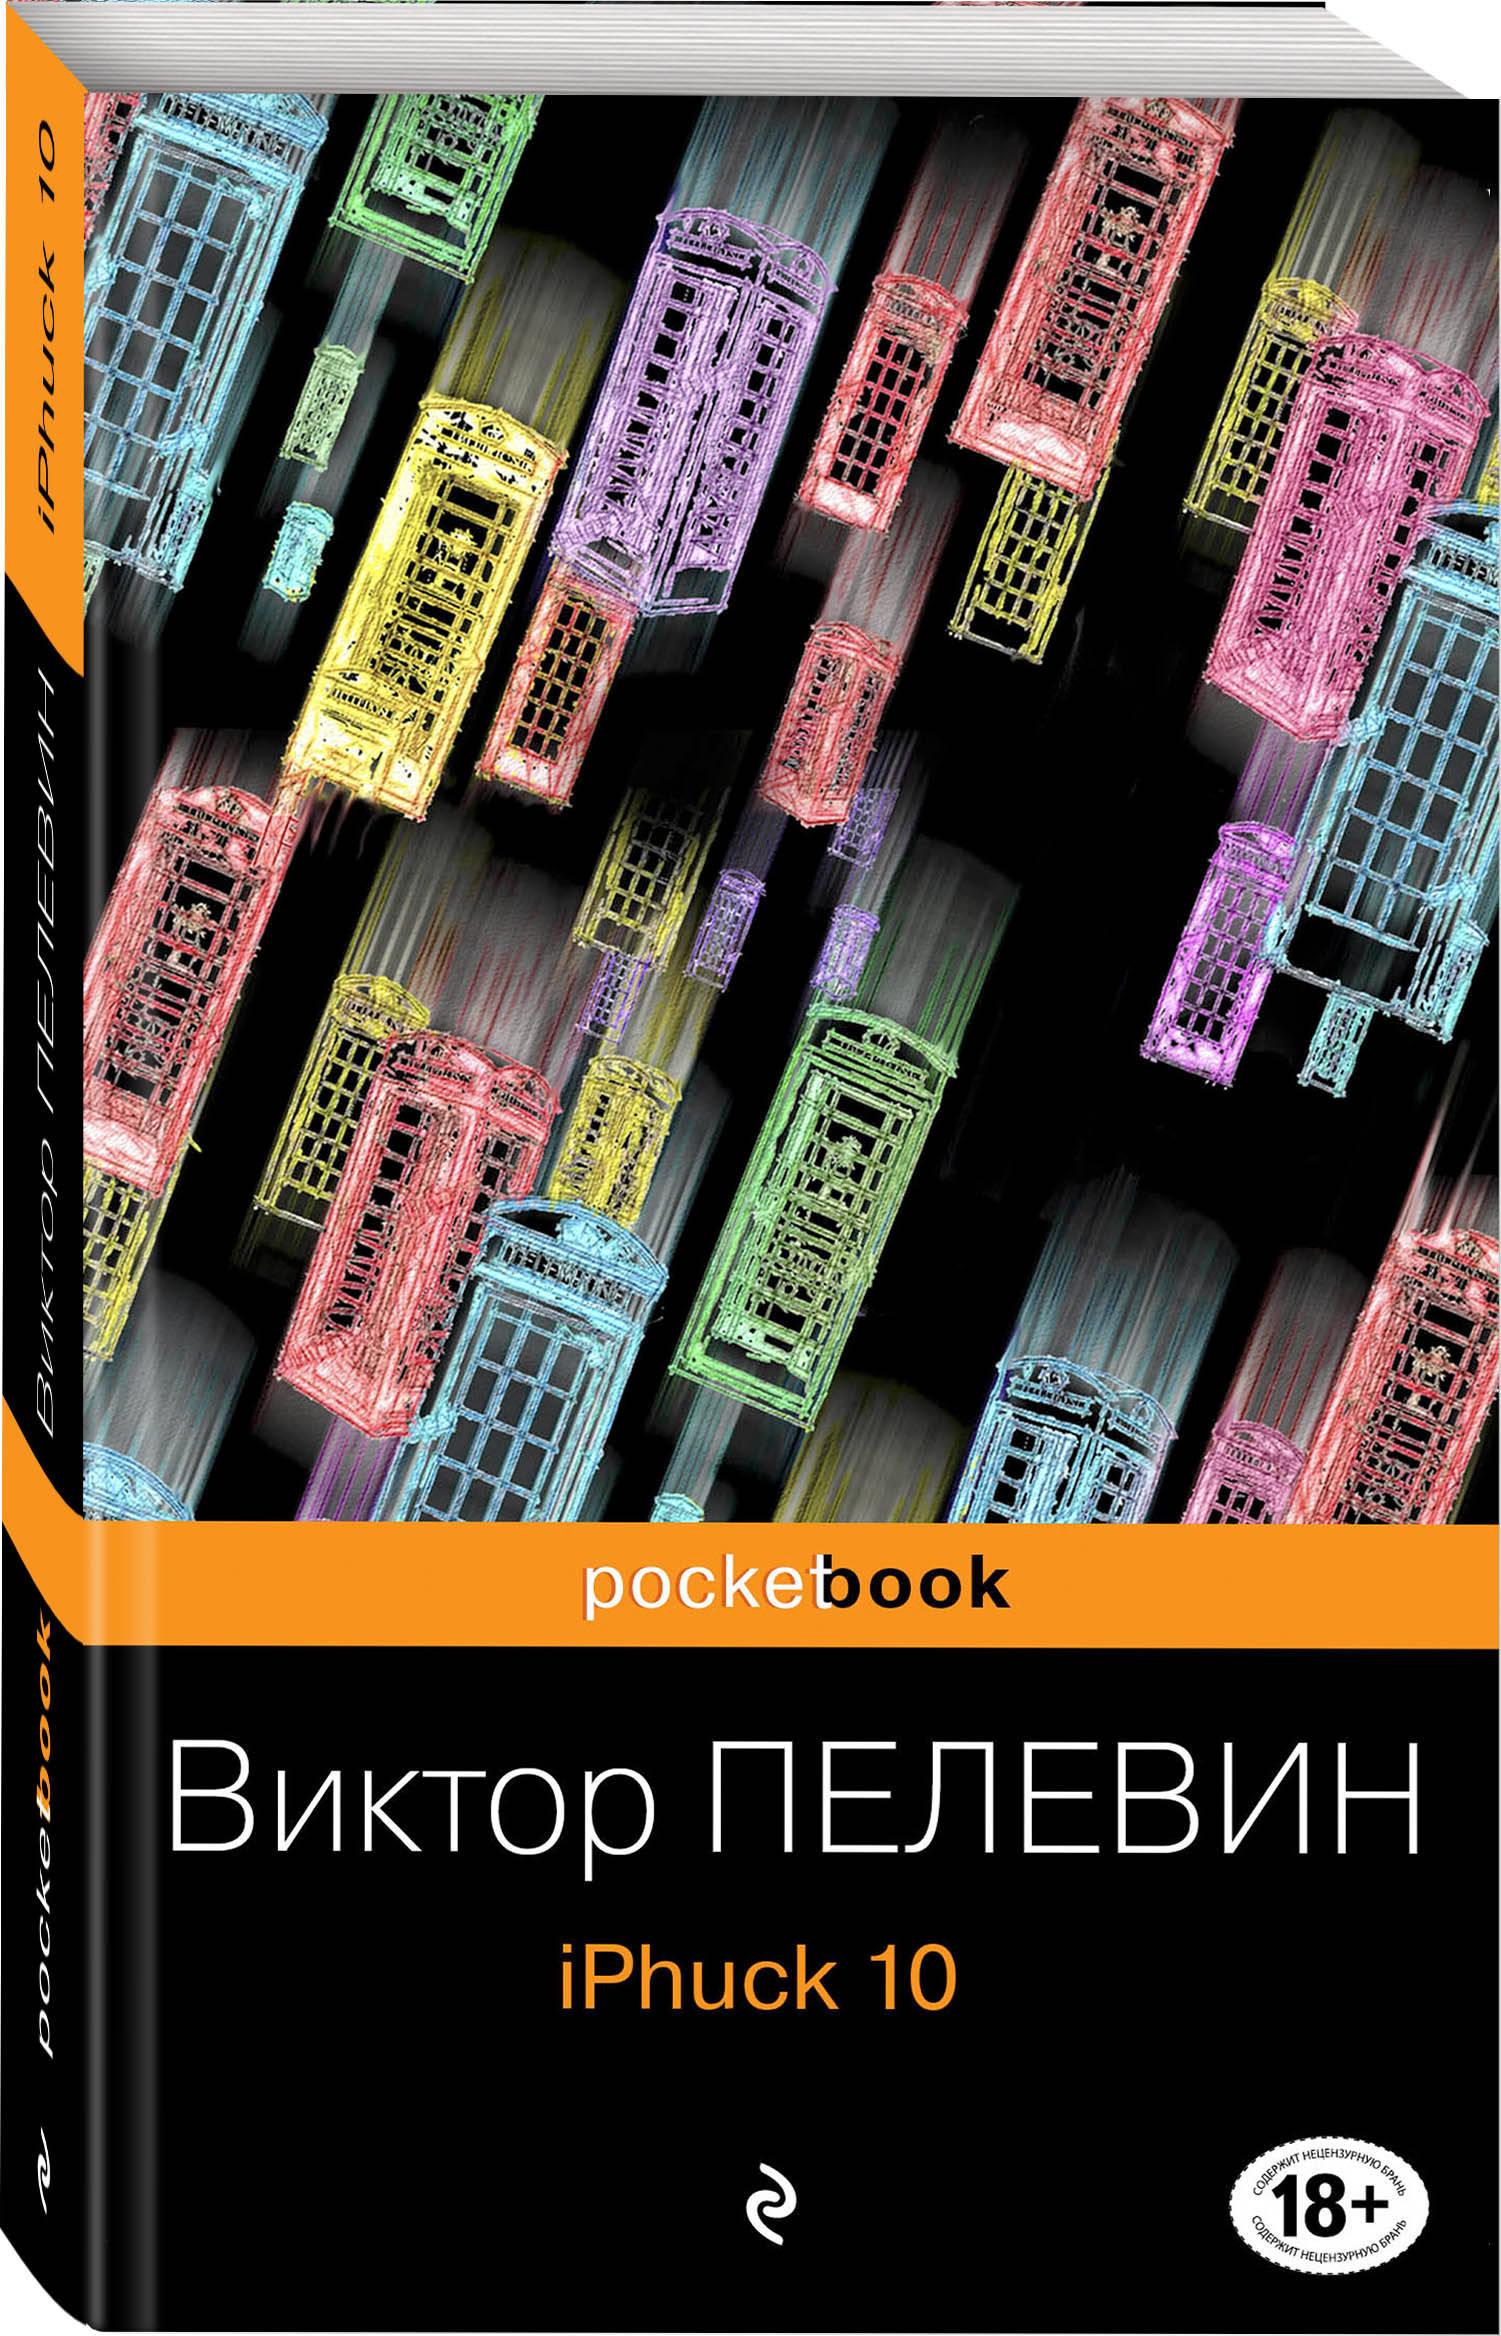 Виктор Пелевин iPhuck 10